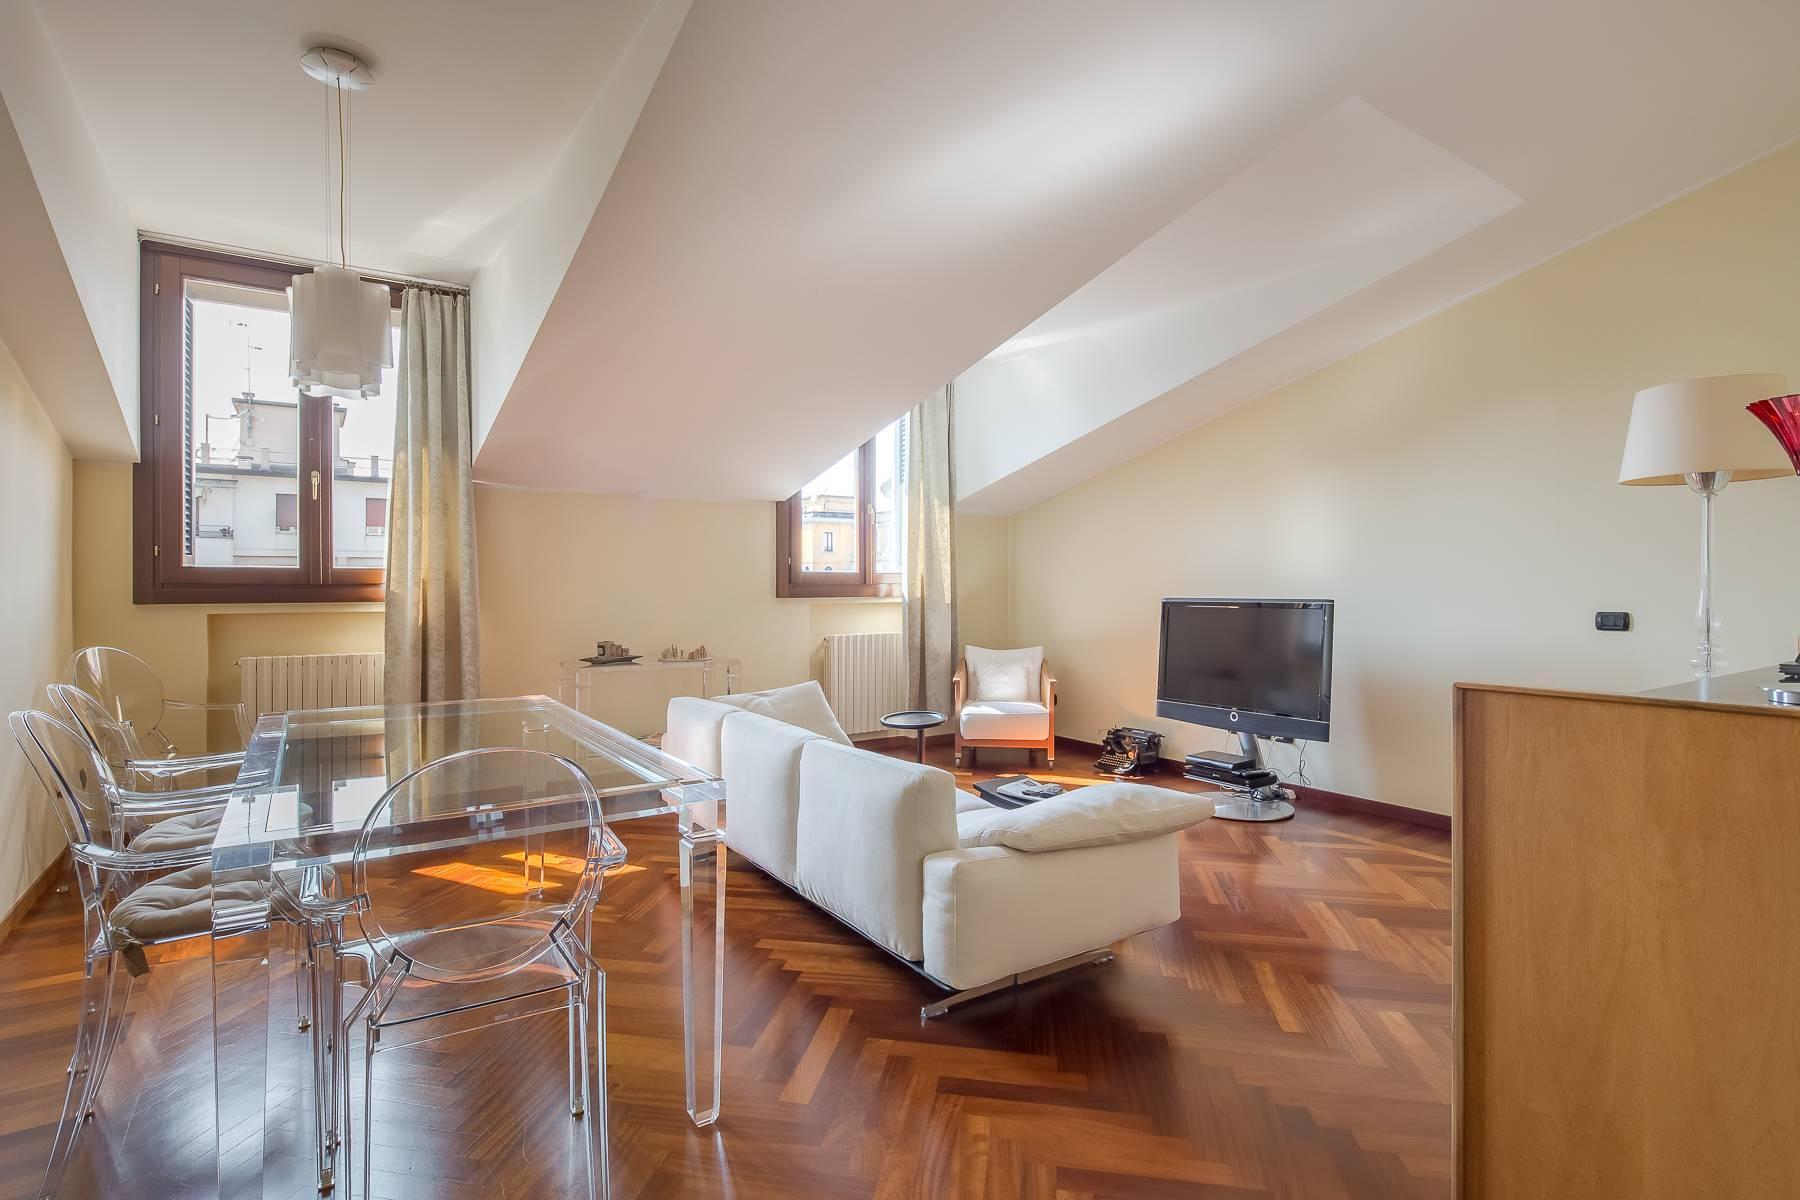 Grazioso appartamento mansardato con 4 camere in Magenta - 3